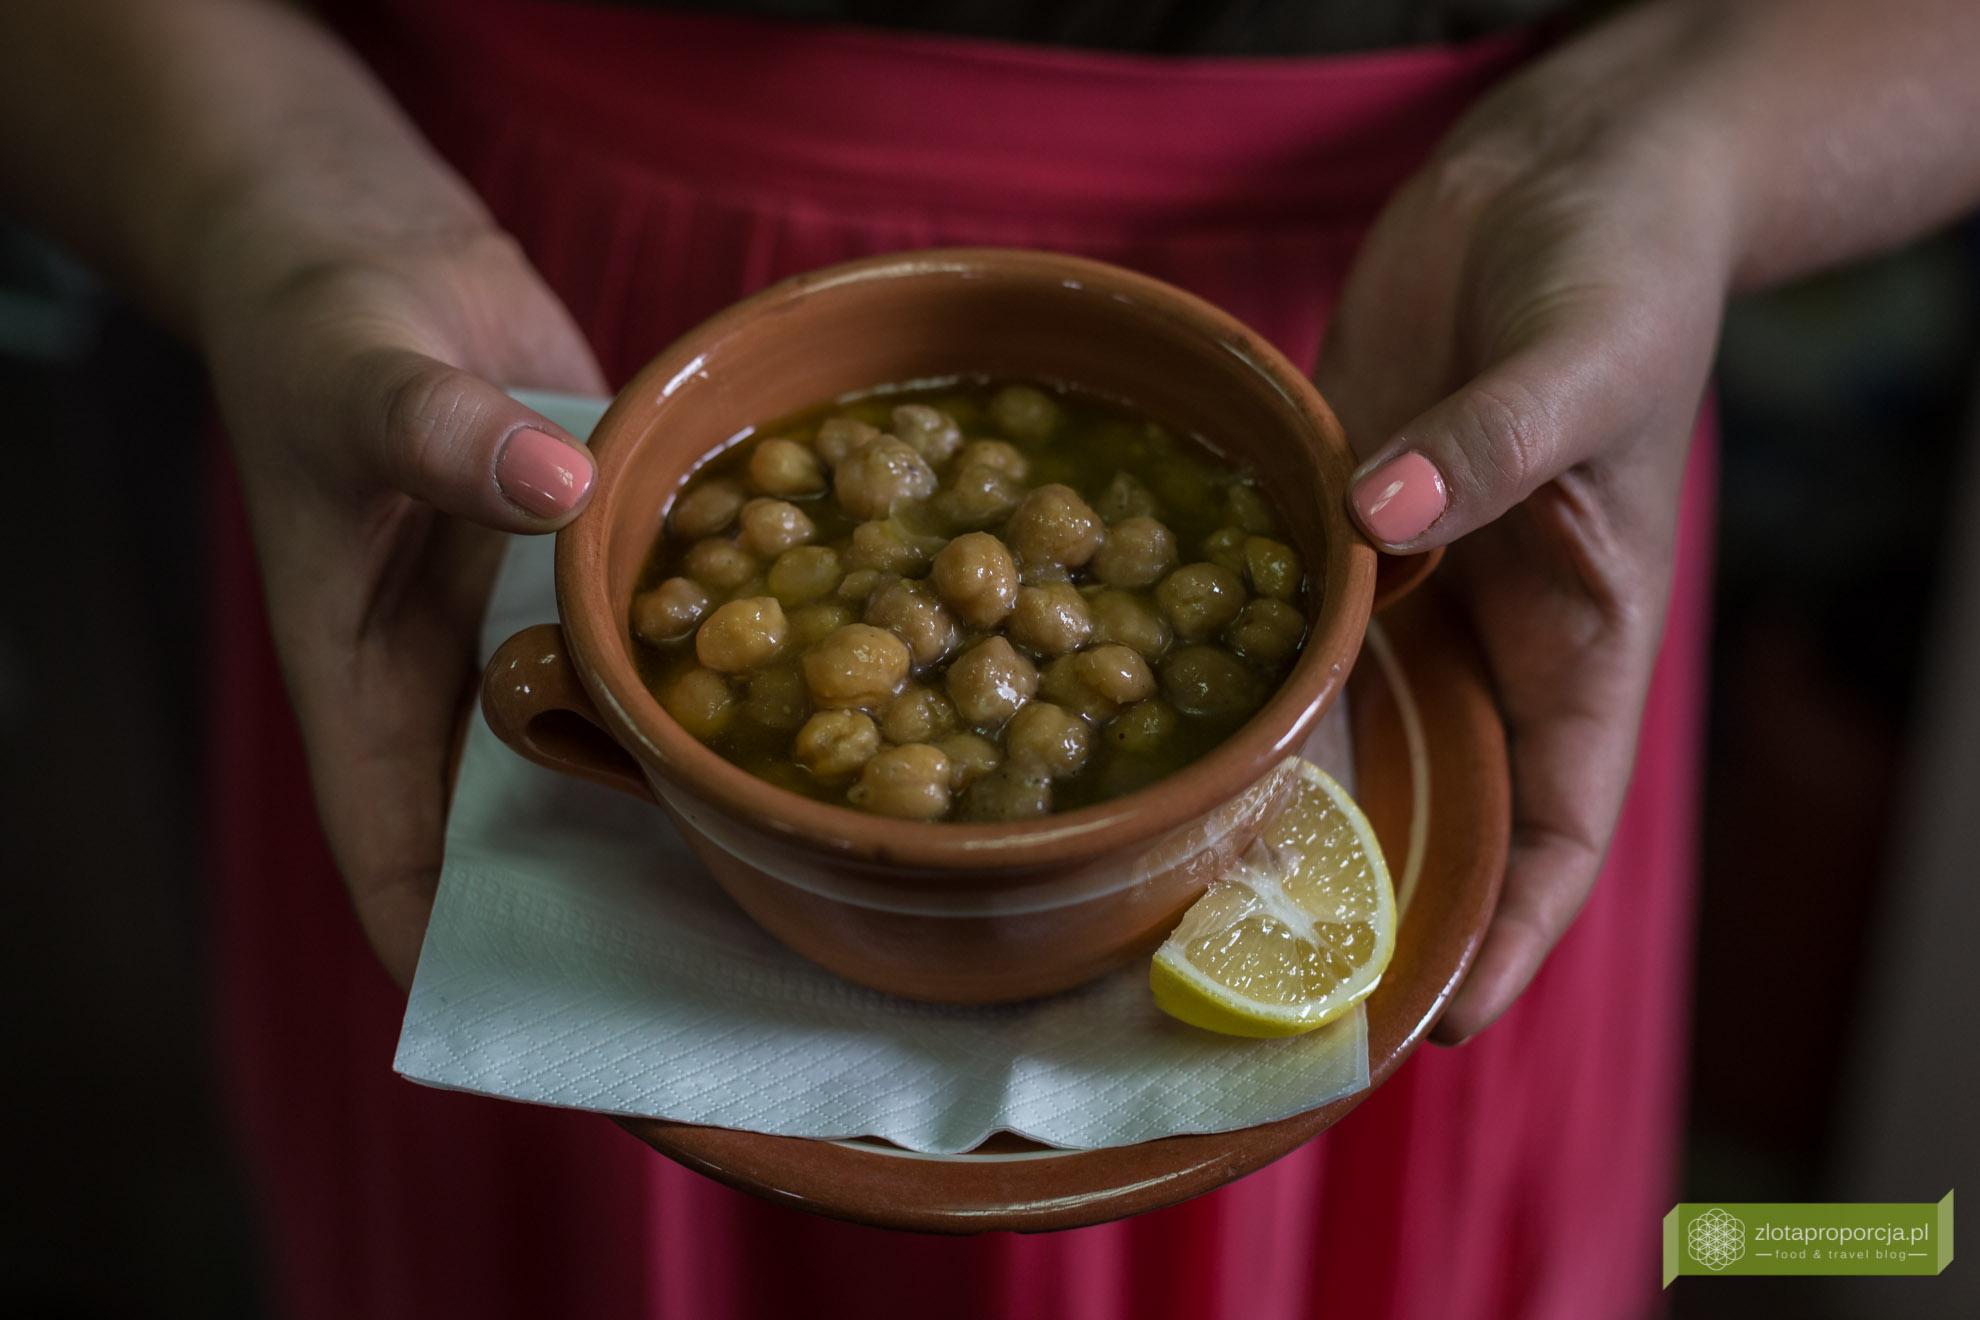 Sifnos, Cyklady, kuchnia Sifnos, kuchnia Cyklad, kuchnia grecka, Grecja, zupa z ciecierzycy, revithada